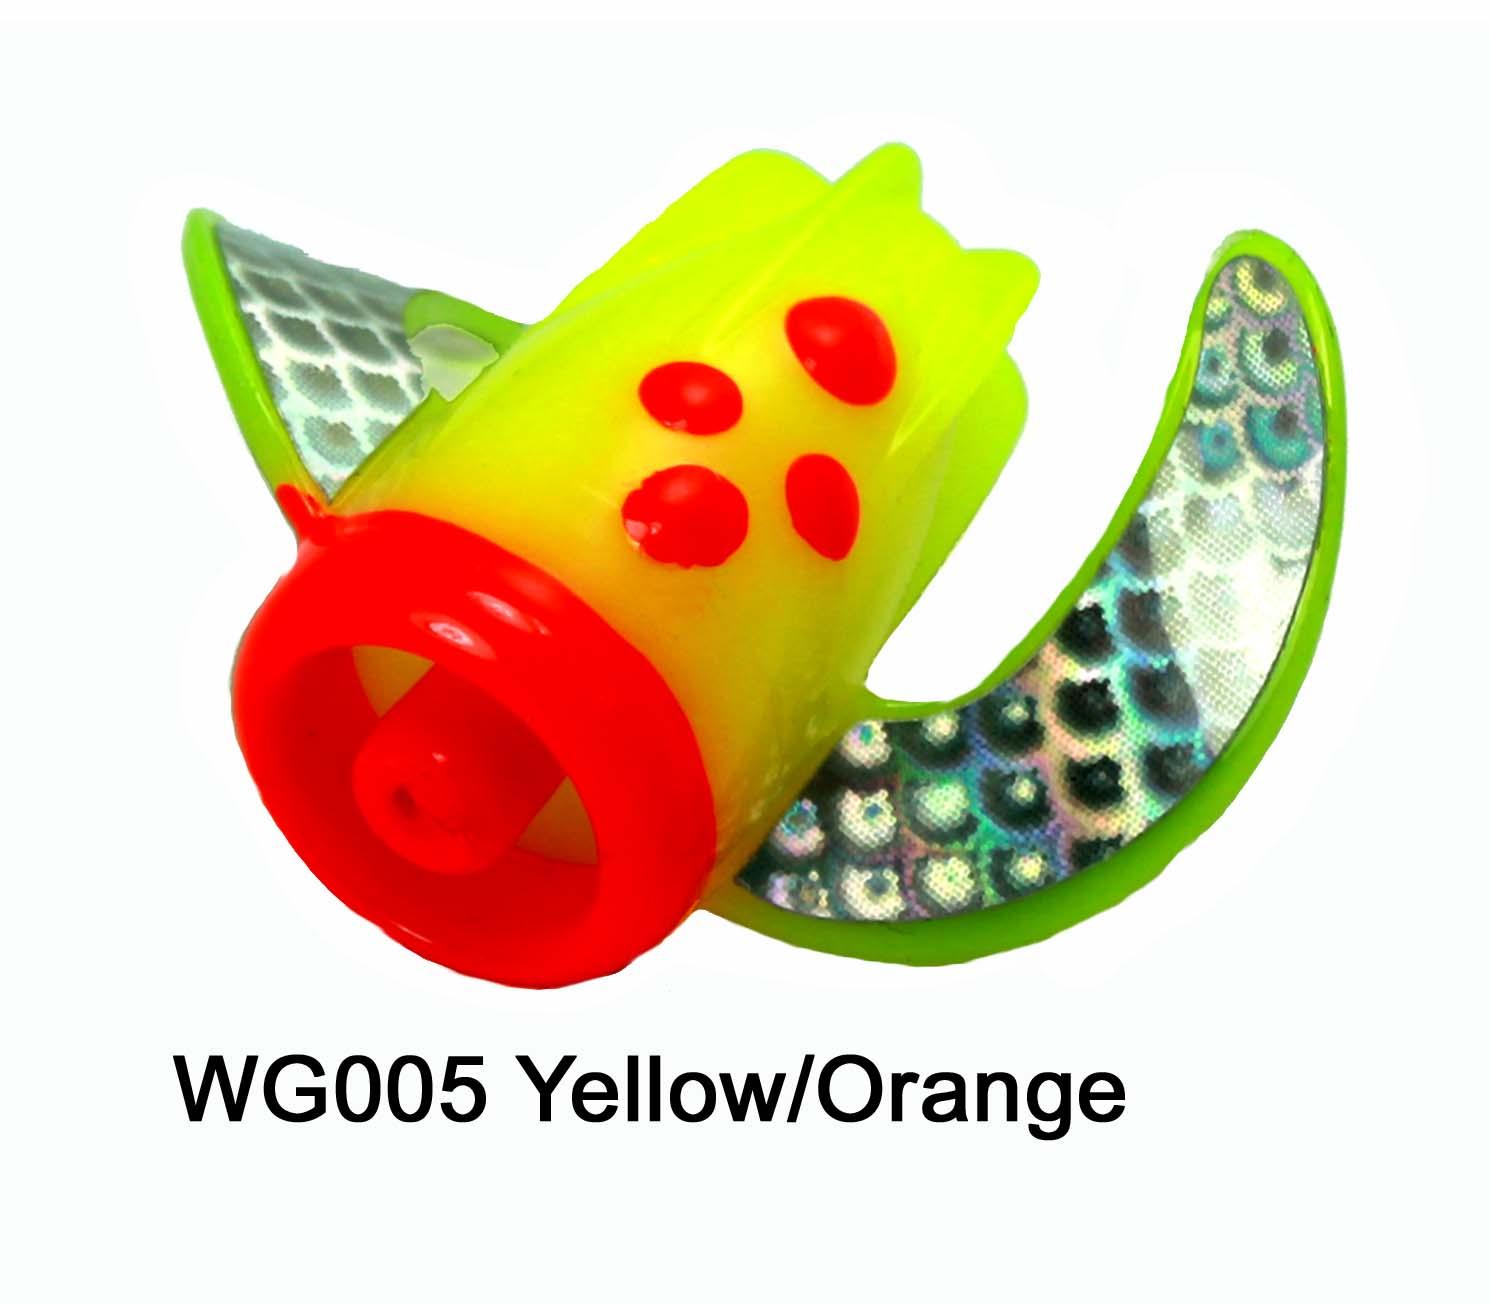 WG005 WhirlyGig Yellow/Orange